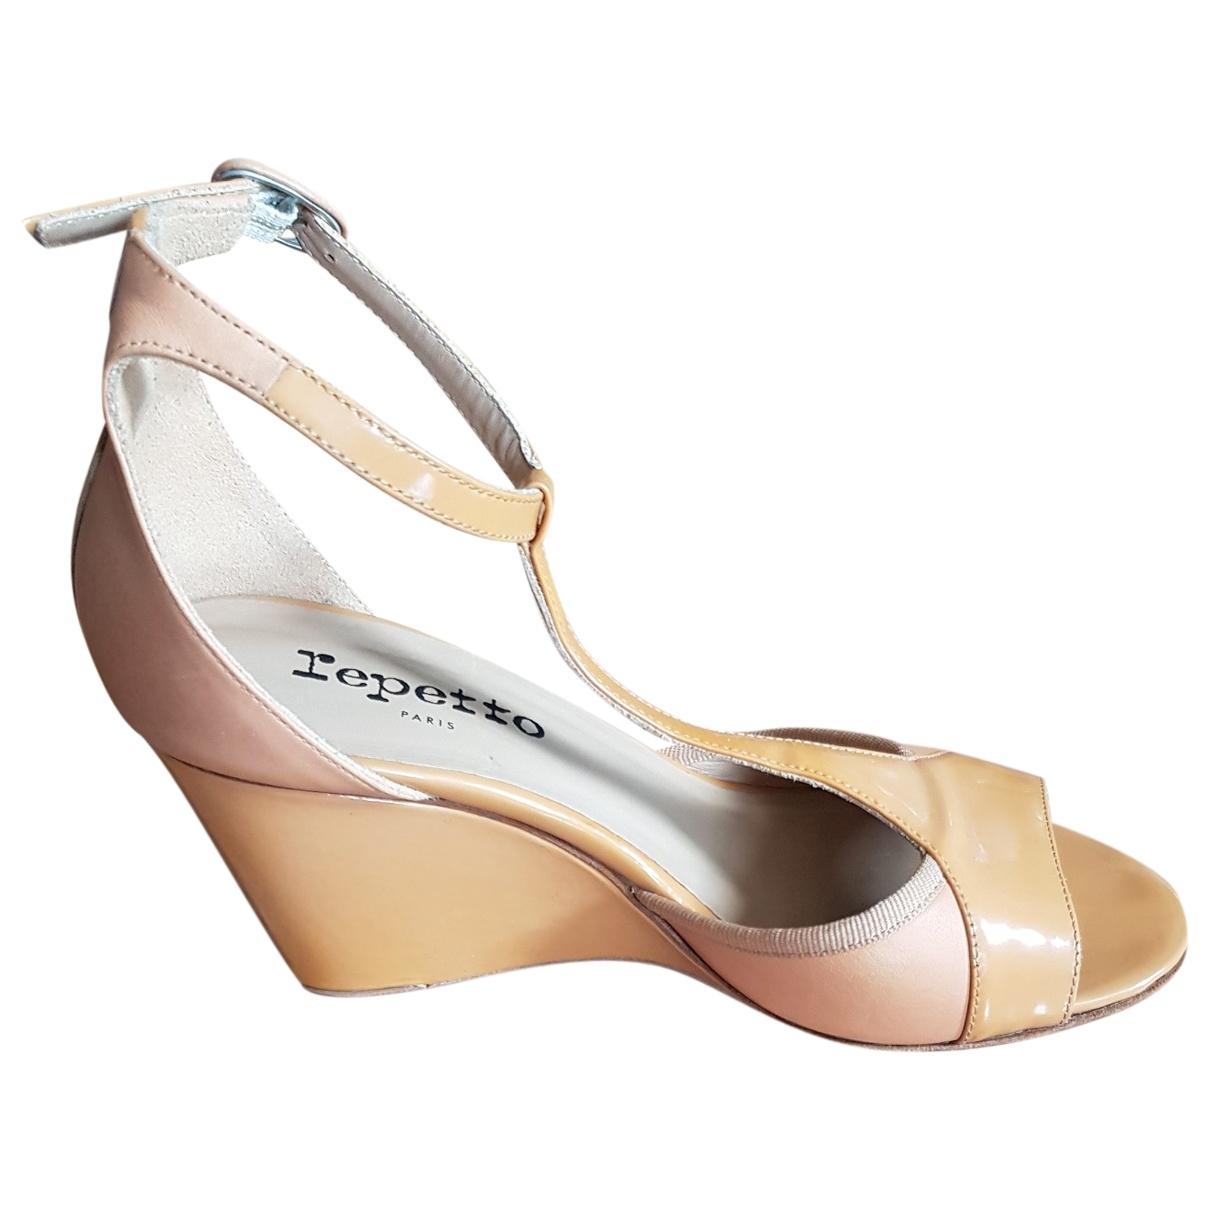 Repetto - Sandales   pour femme en cuir verni - camel